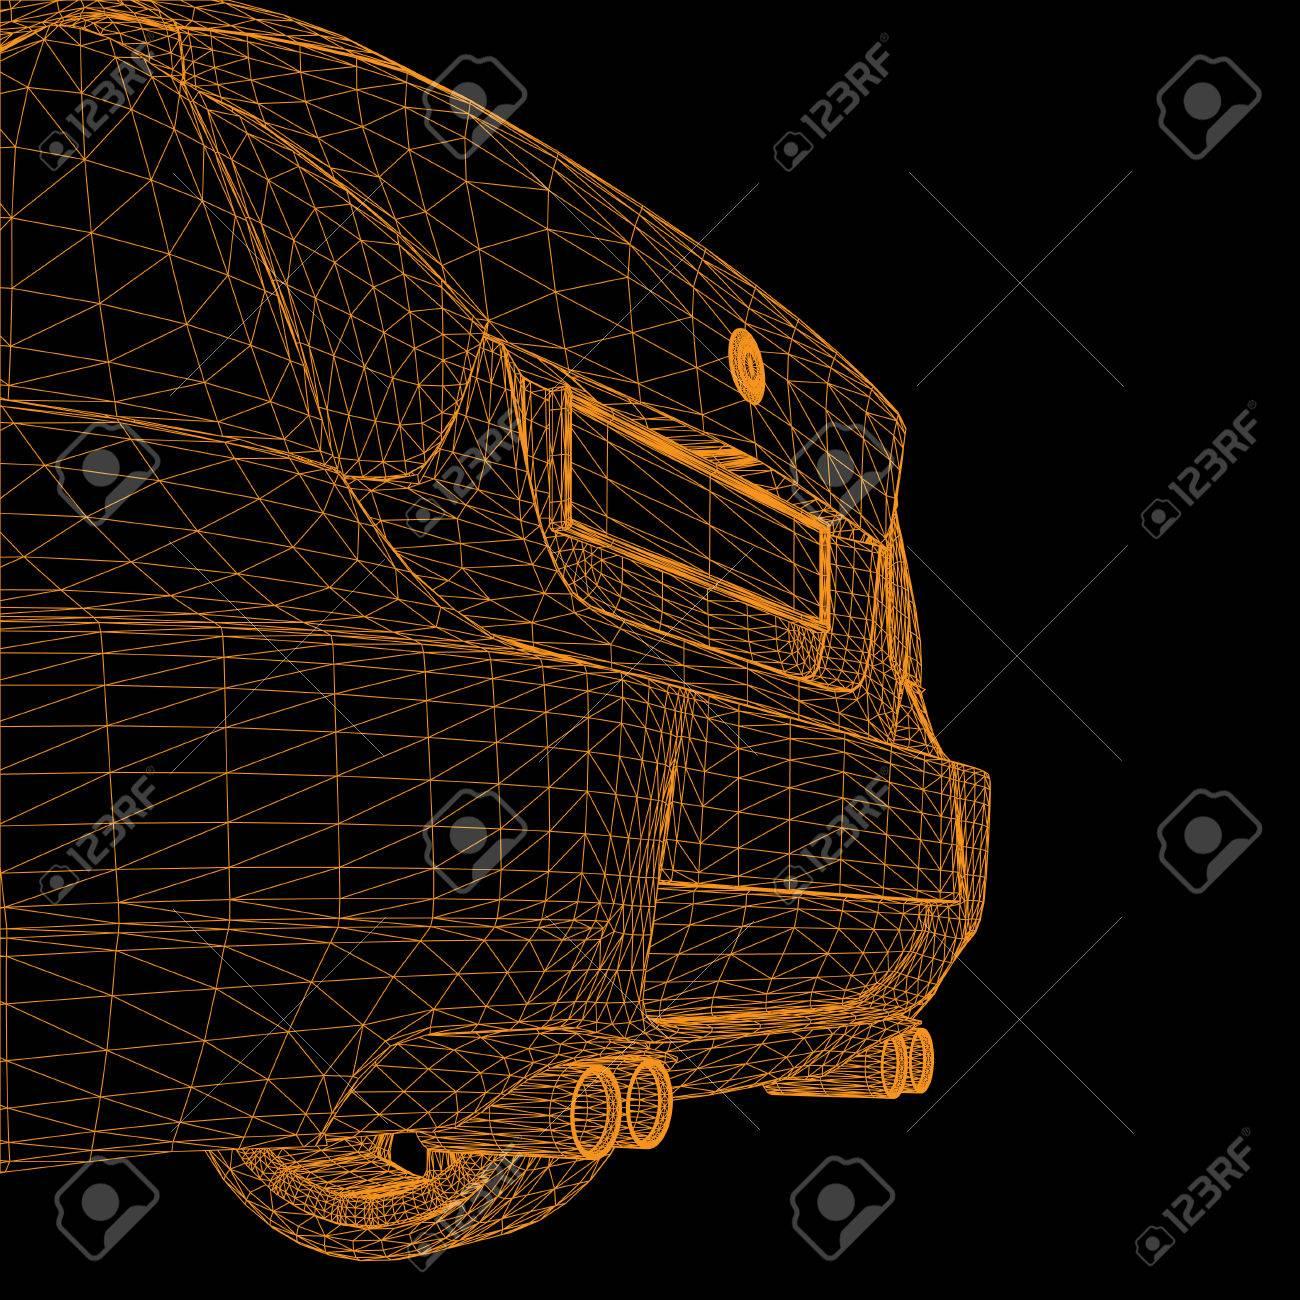 wireframe car - 23079723